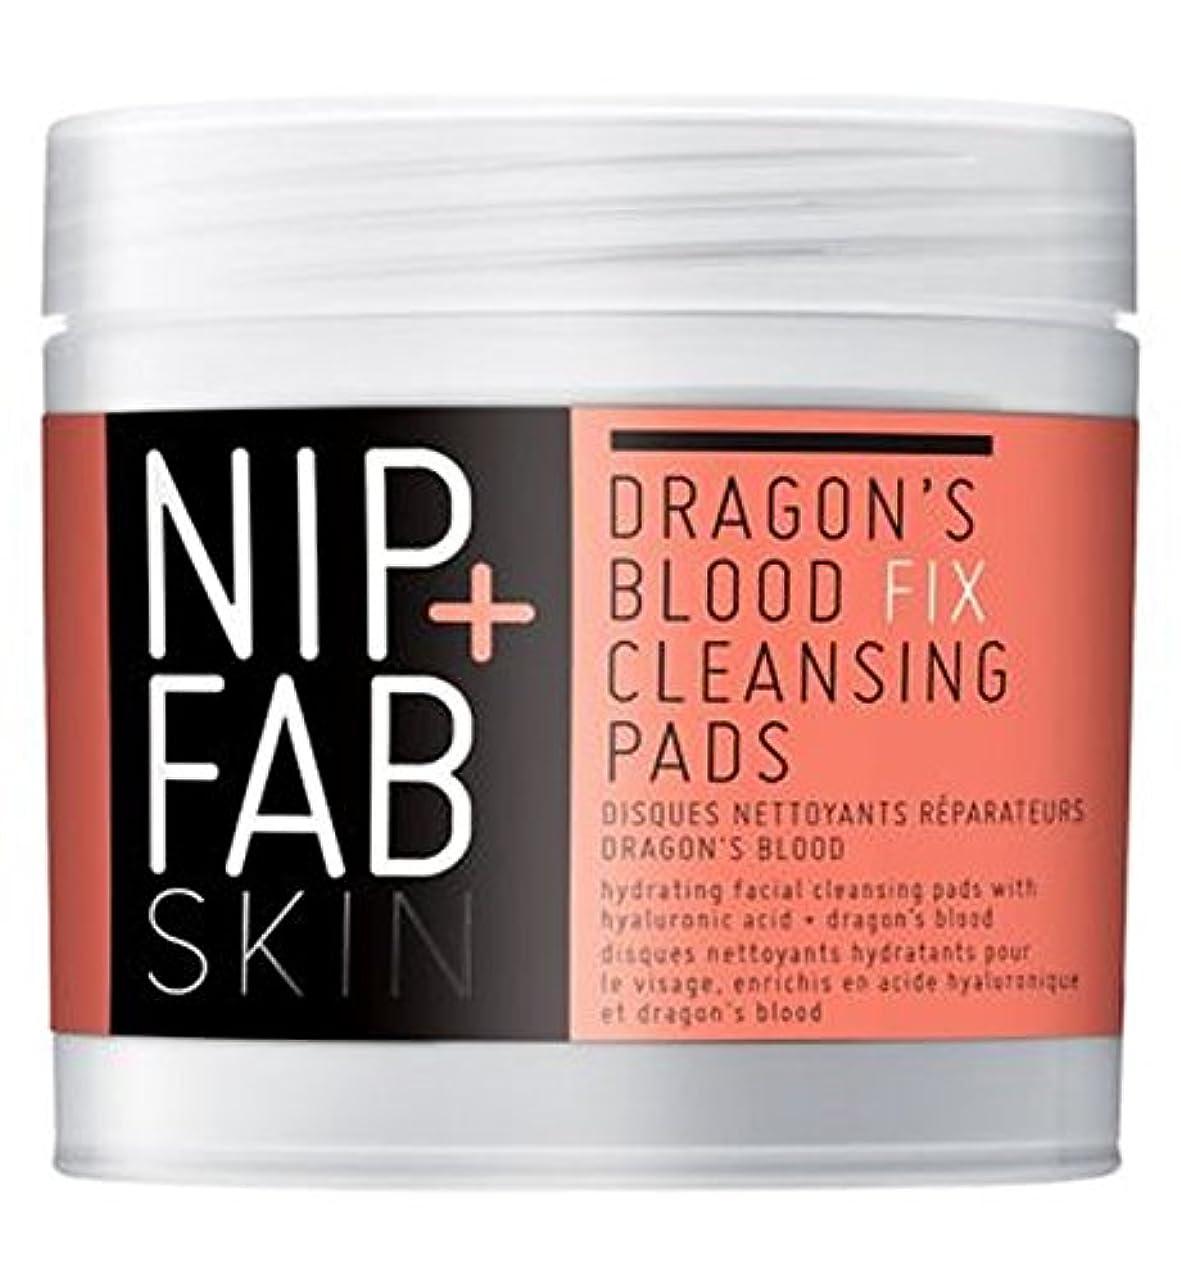 燃料味方浸す+ファブ竜の血修正パッド80ミリリットルニップ (Nip & Fab) (x2) - Nip+Fab Dragons Blood Fix Pads 80ml (Pack of 2) [並行輸入品]